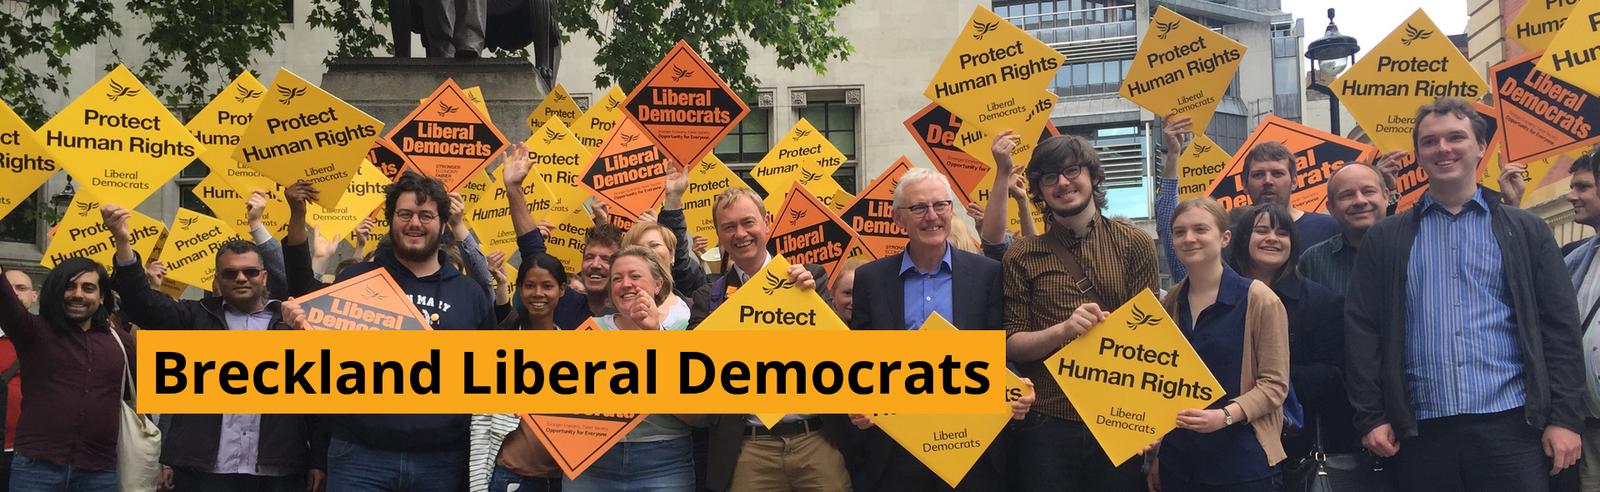 Breckland Liberal Democrats